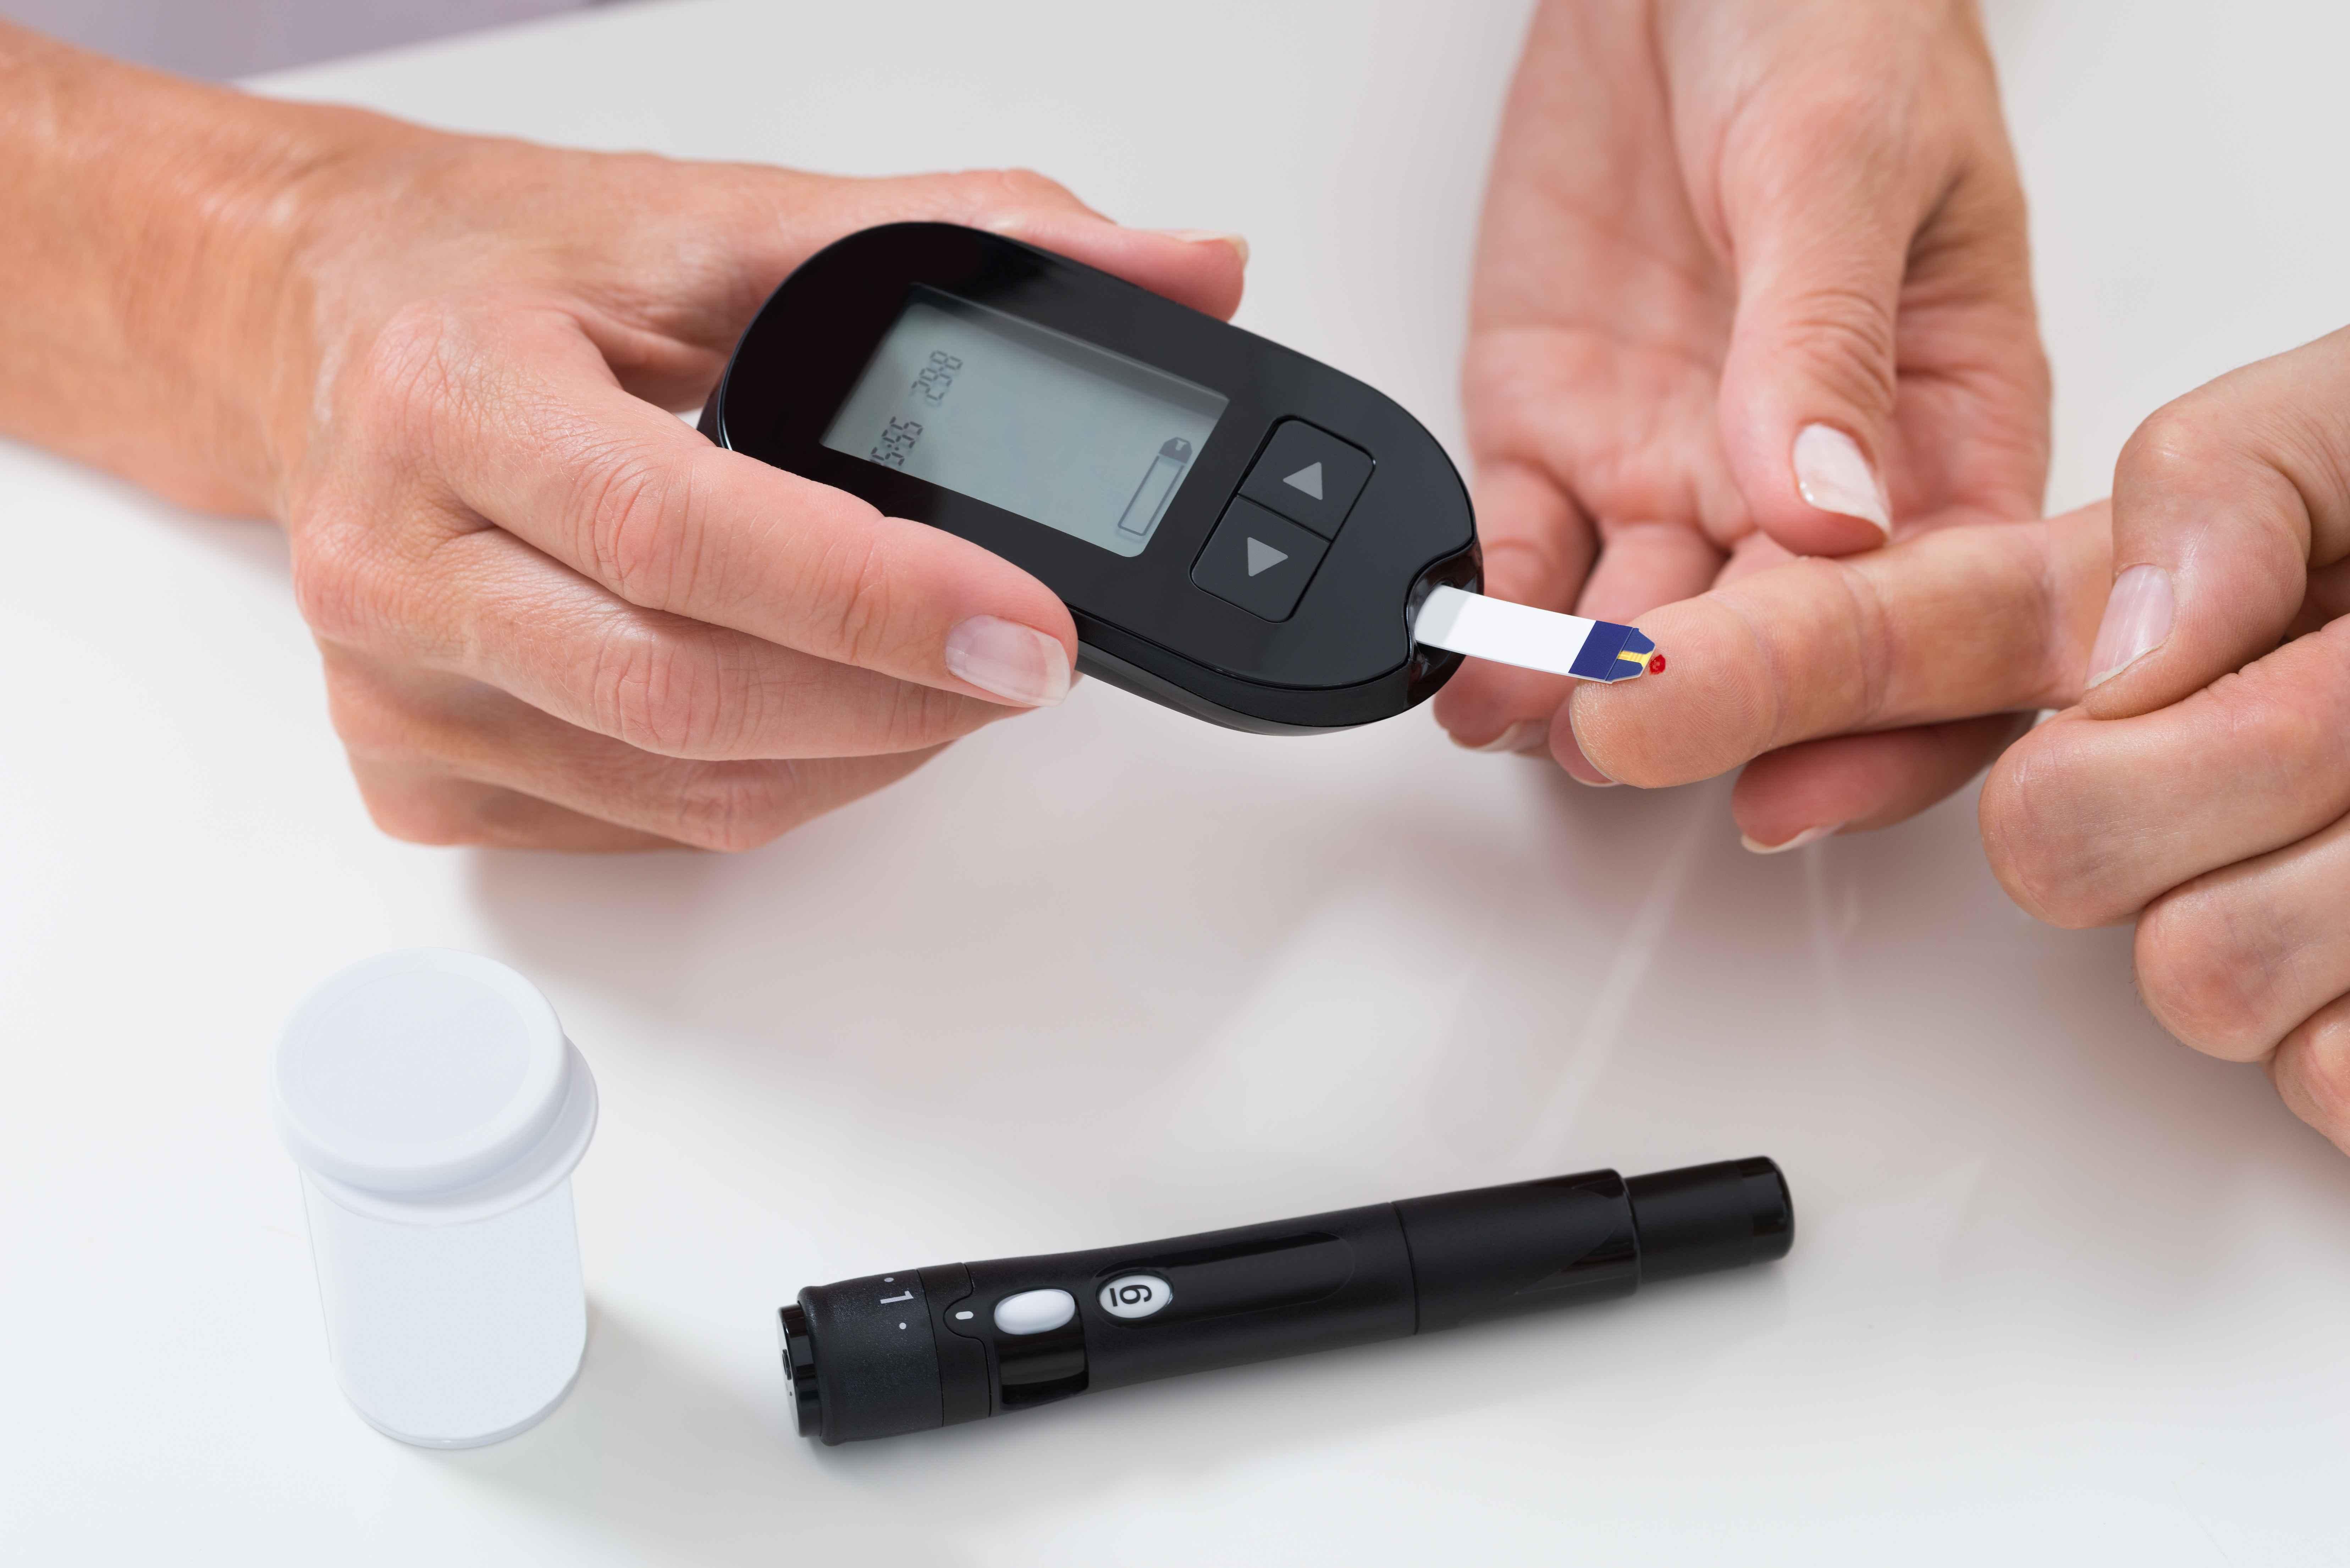 孕妇糖耐的检查流程是什么孕妇糖耐的检查有哪些注意事项